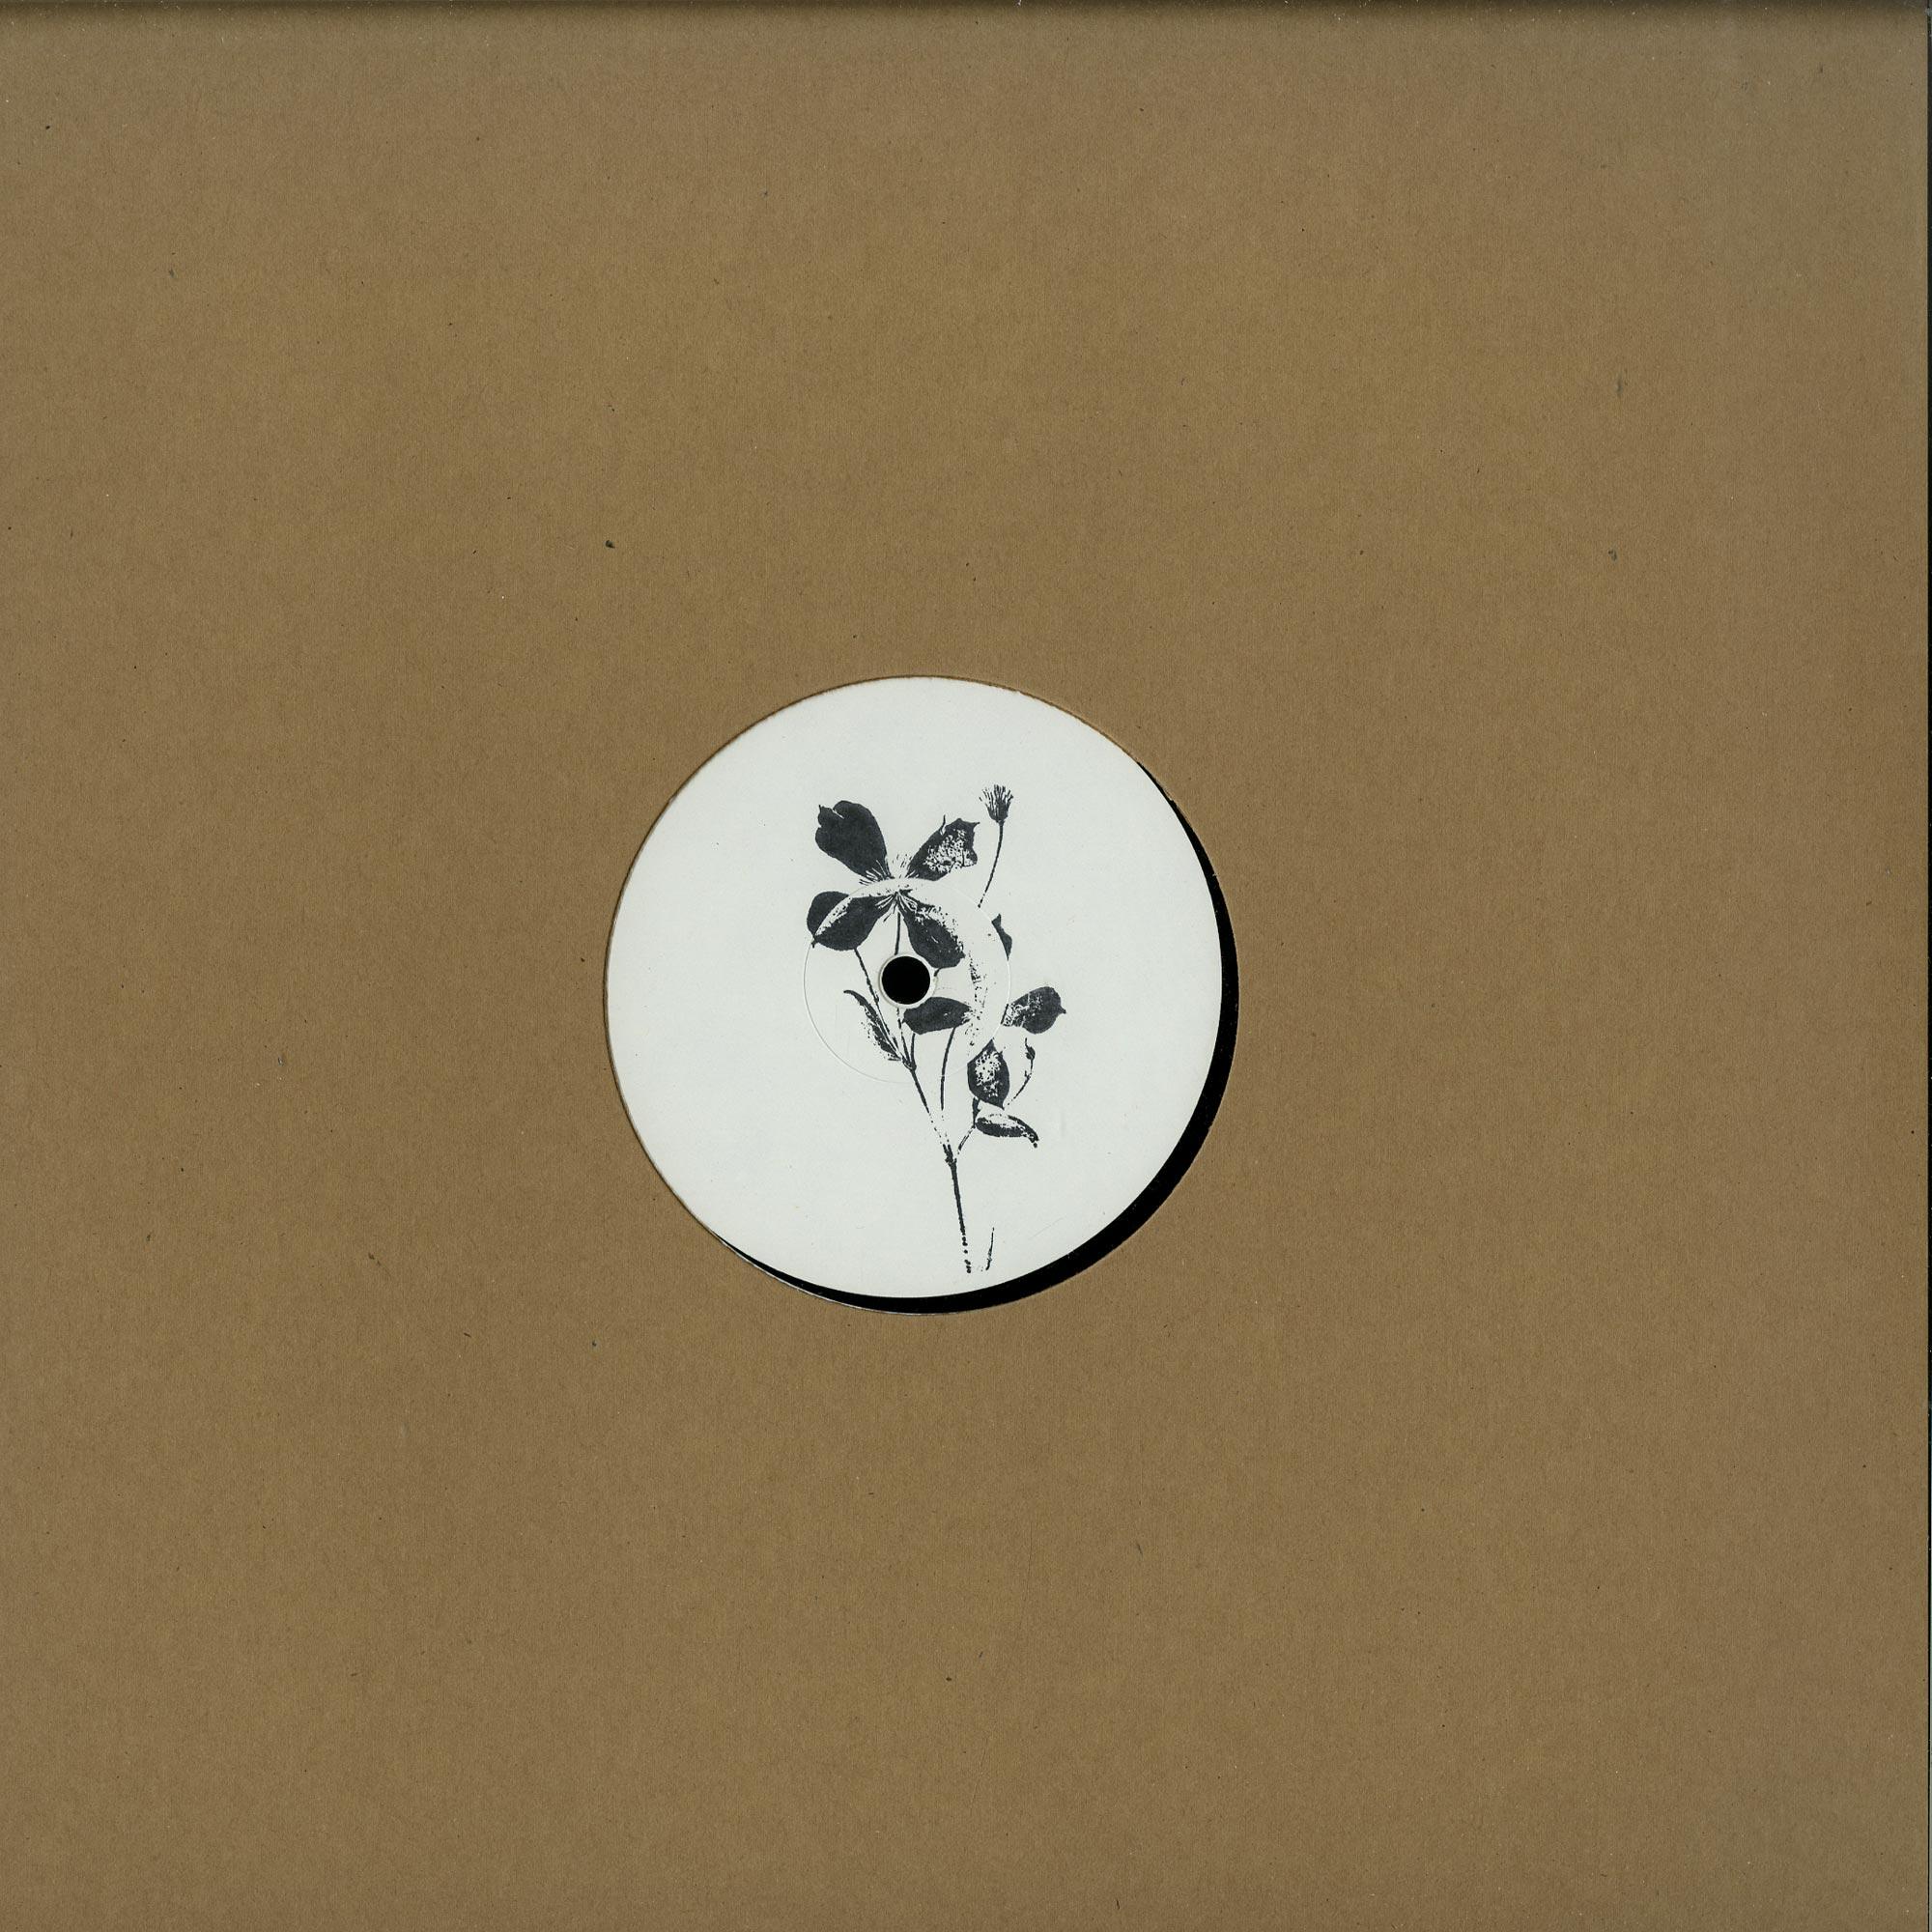 Roland Appel - Plangent010